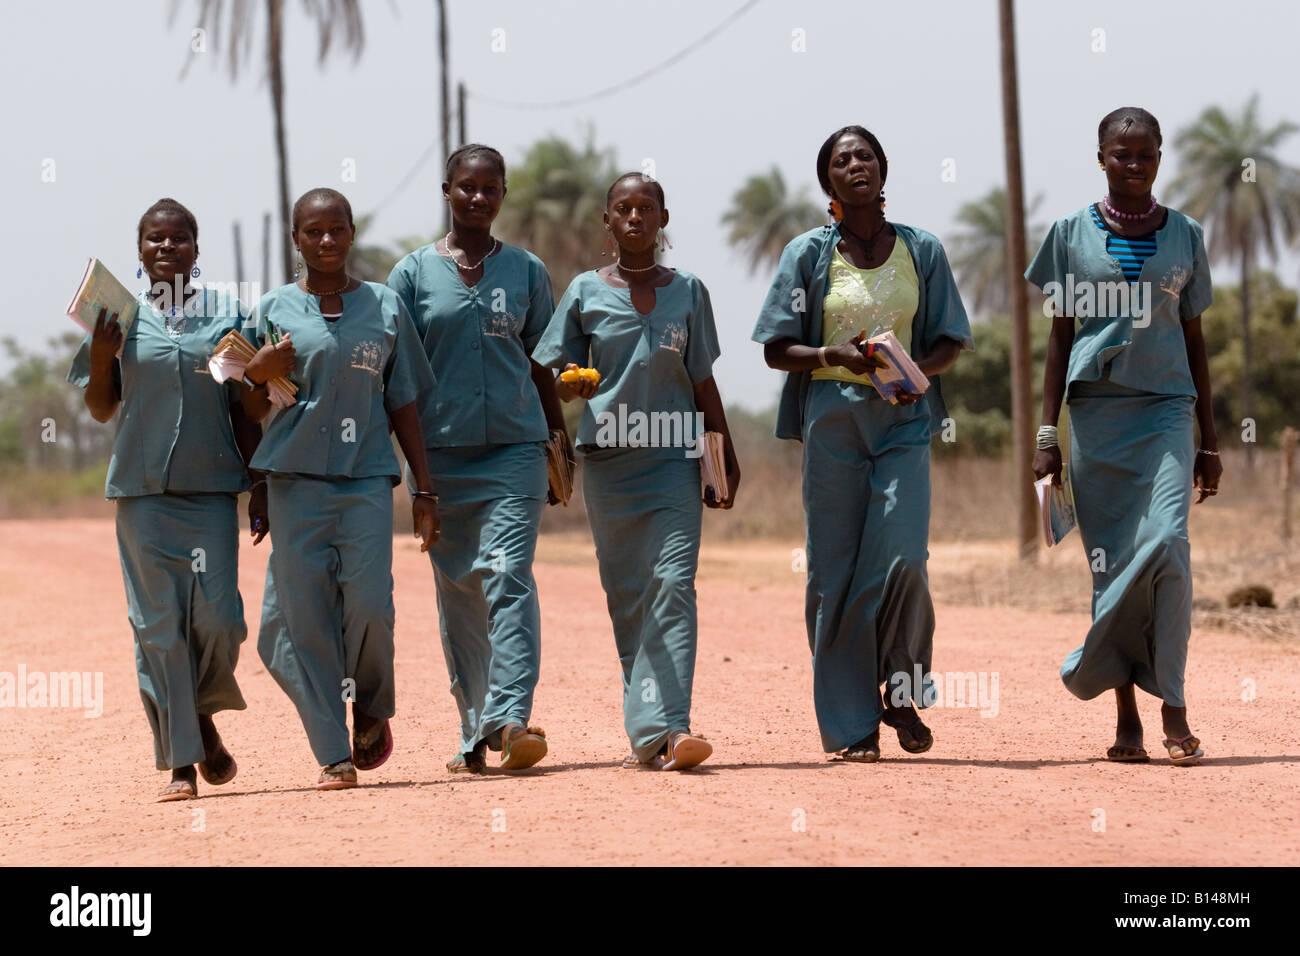 Un gruppo di studenti in uniformi di scuola tornare indietro a piedi dalla scuola nei pressi del villaggio di Kabiline Immagini Stock